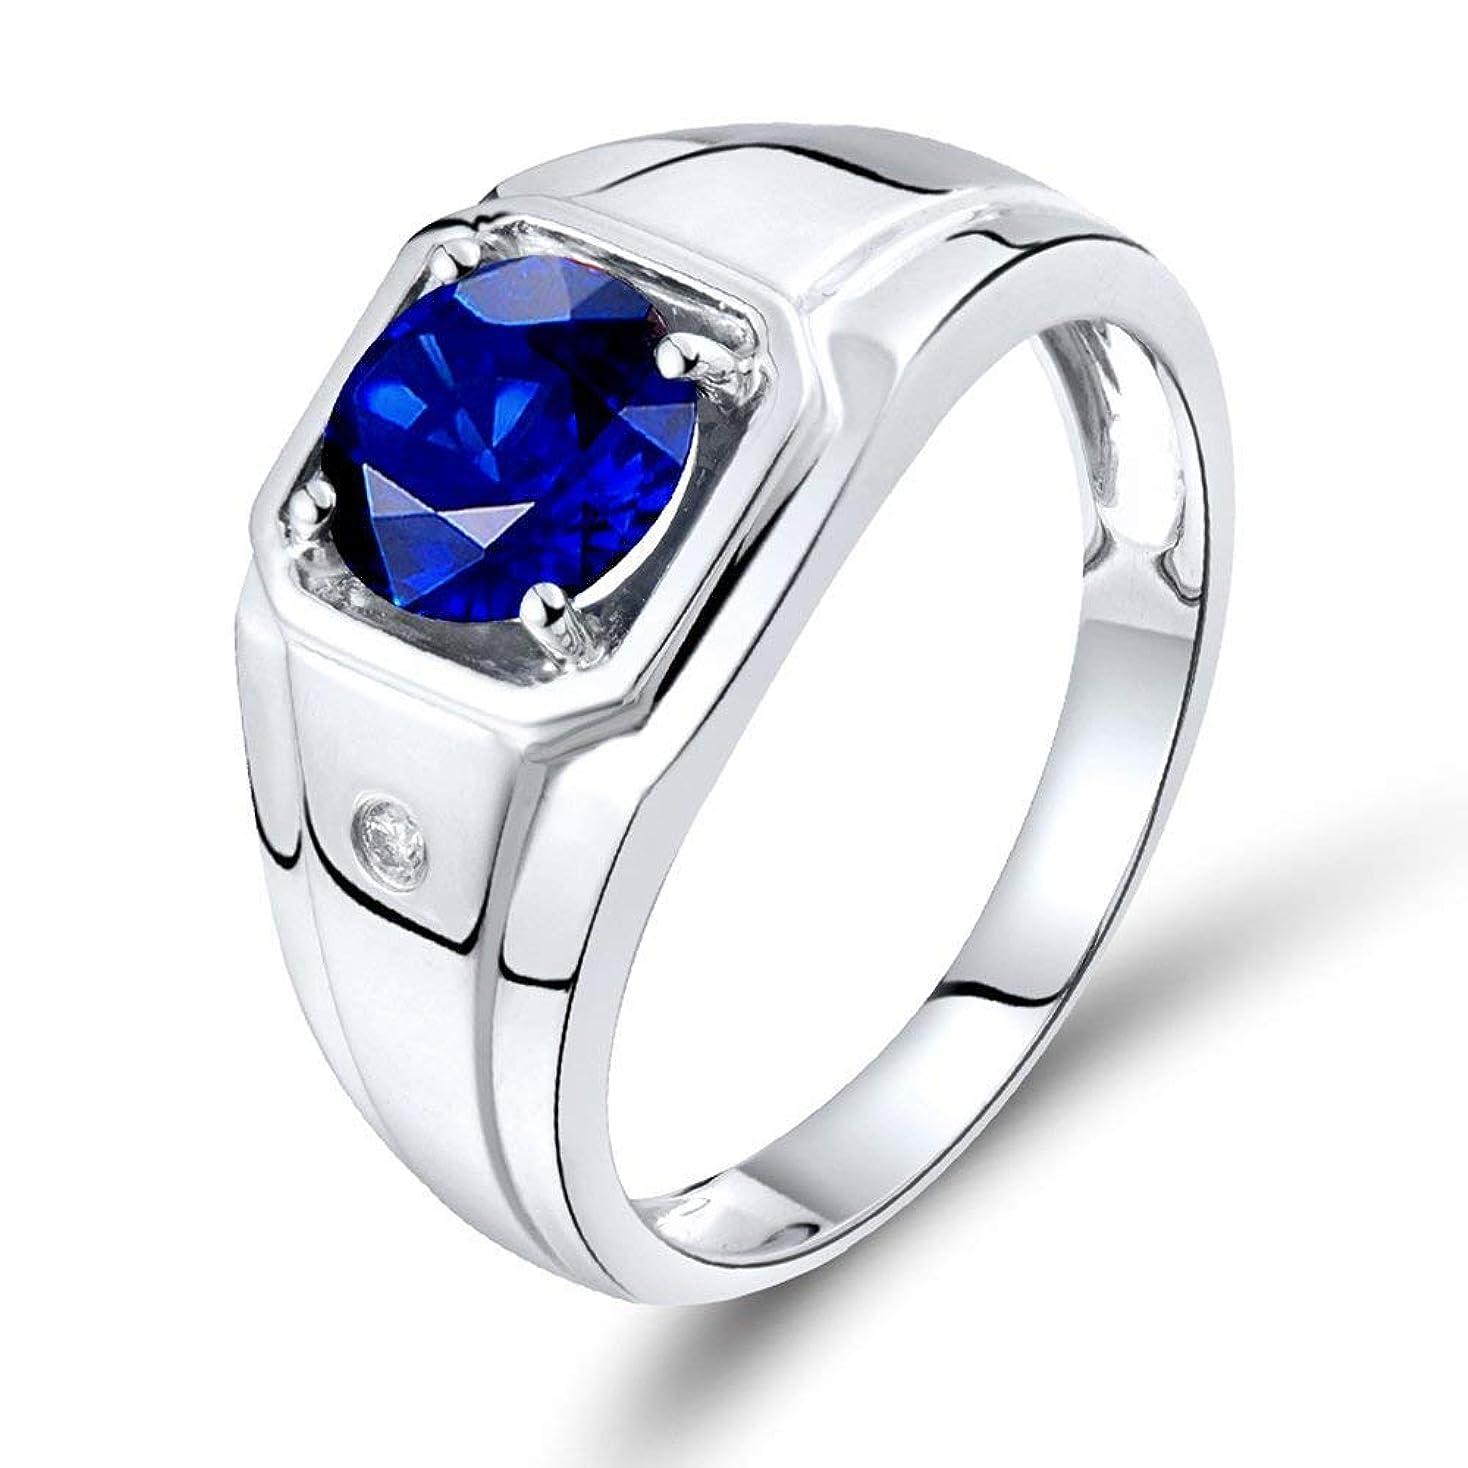 理解が欲しいコミットメントLanmi 【鑑別書付】計1.41ct 天然 サファイア 結婚指輪 メンズ Pt900 プラチナ リング 9月誕生石 (10)